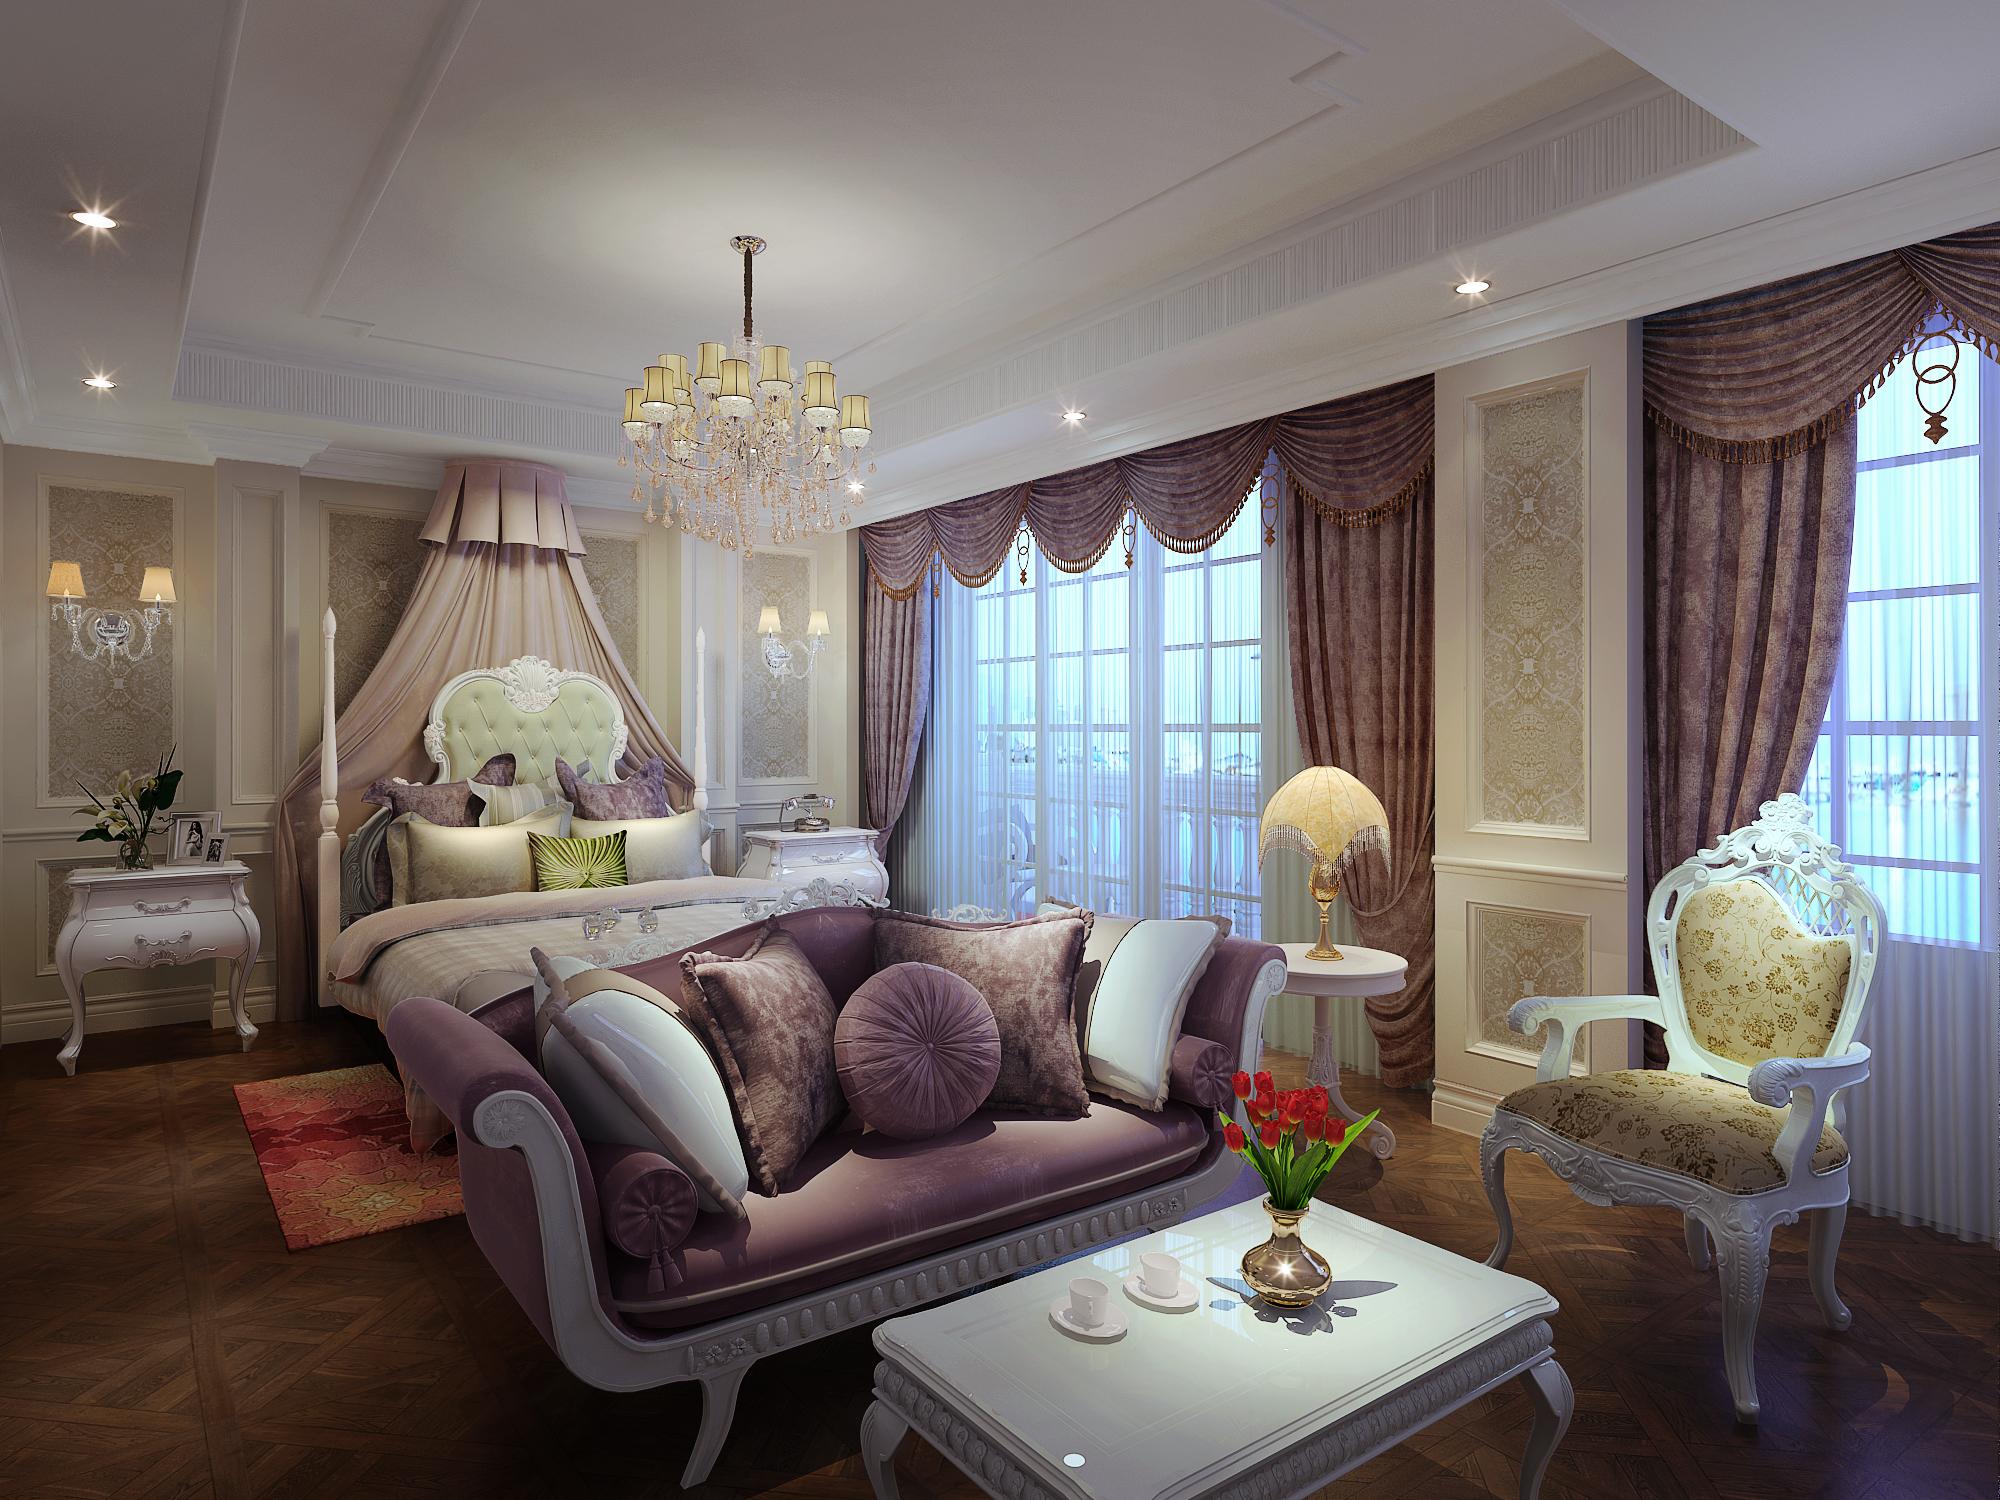 欧式 别墅 80后 混搭 卧室图片来自赢和国际设计在新苑小区的分享